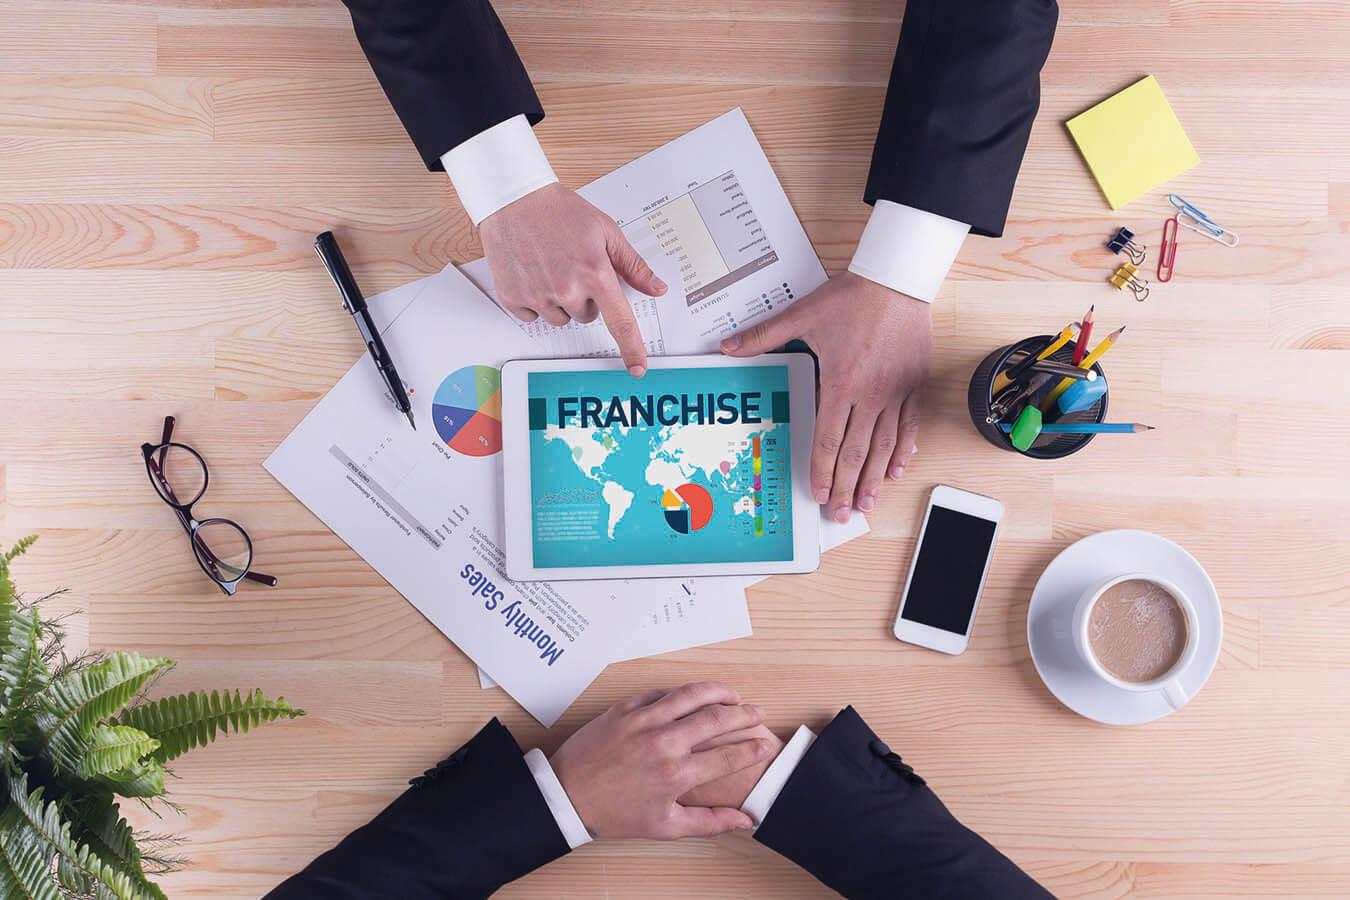 Palestra in Franchising vantaggi e svantaggi